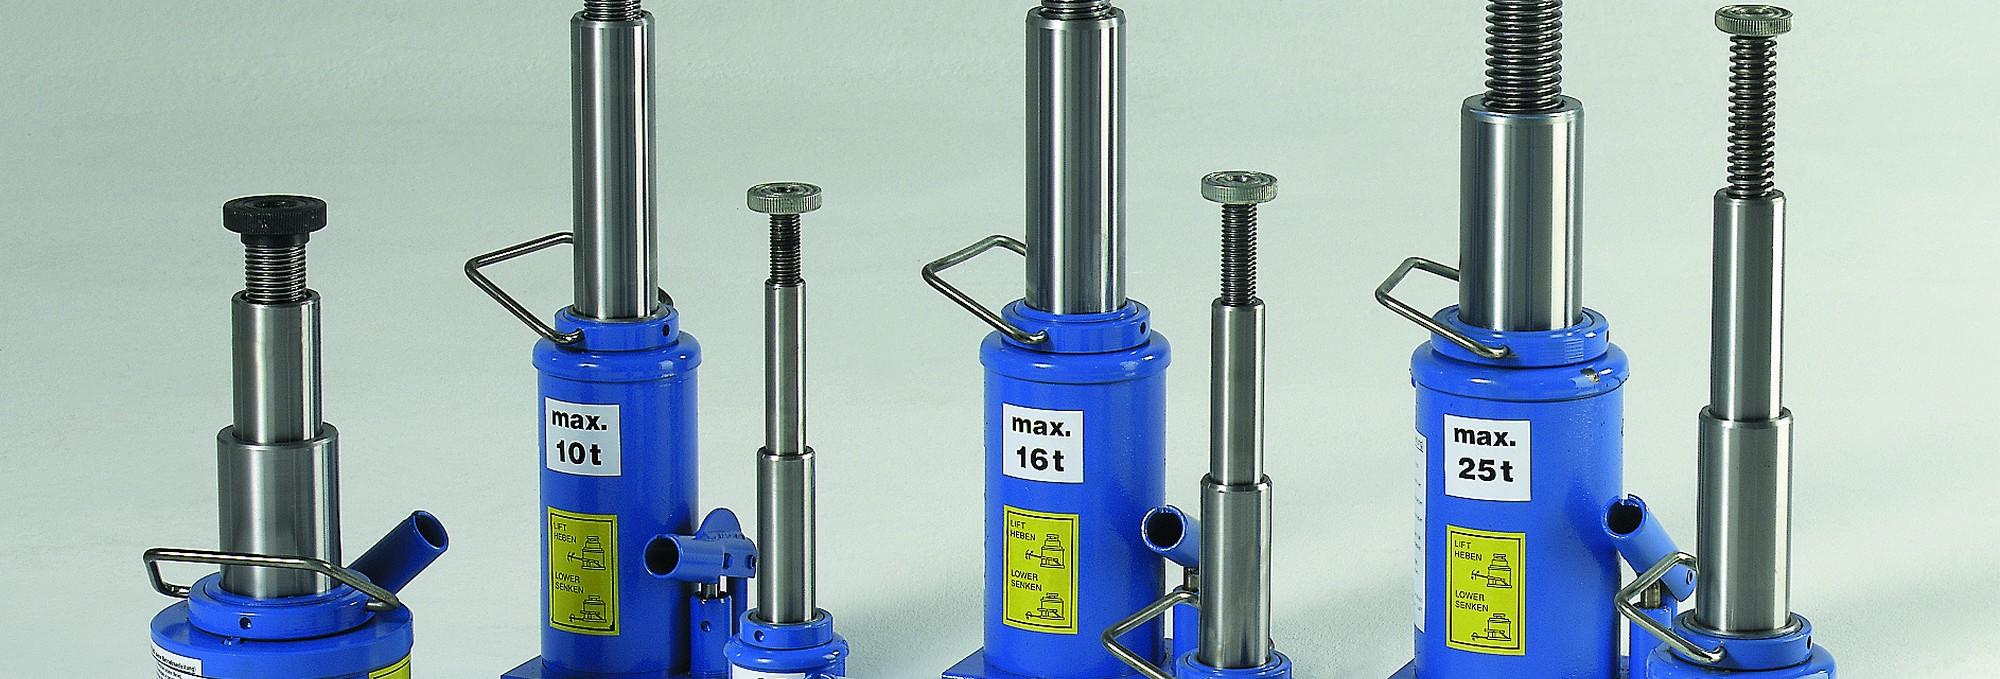 Pipeline Equipment, Handling, Hydraulik, Betriebsausstattung